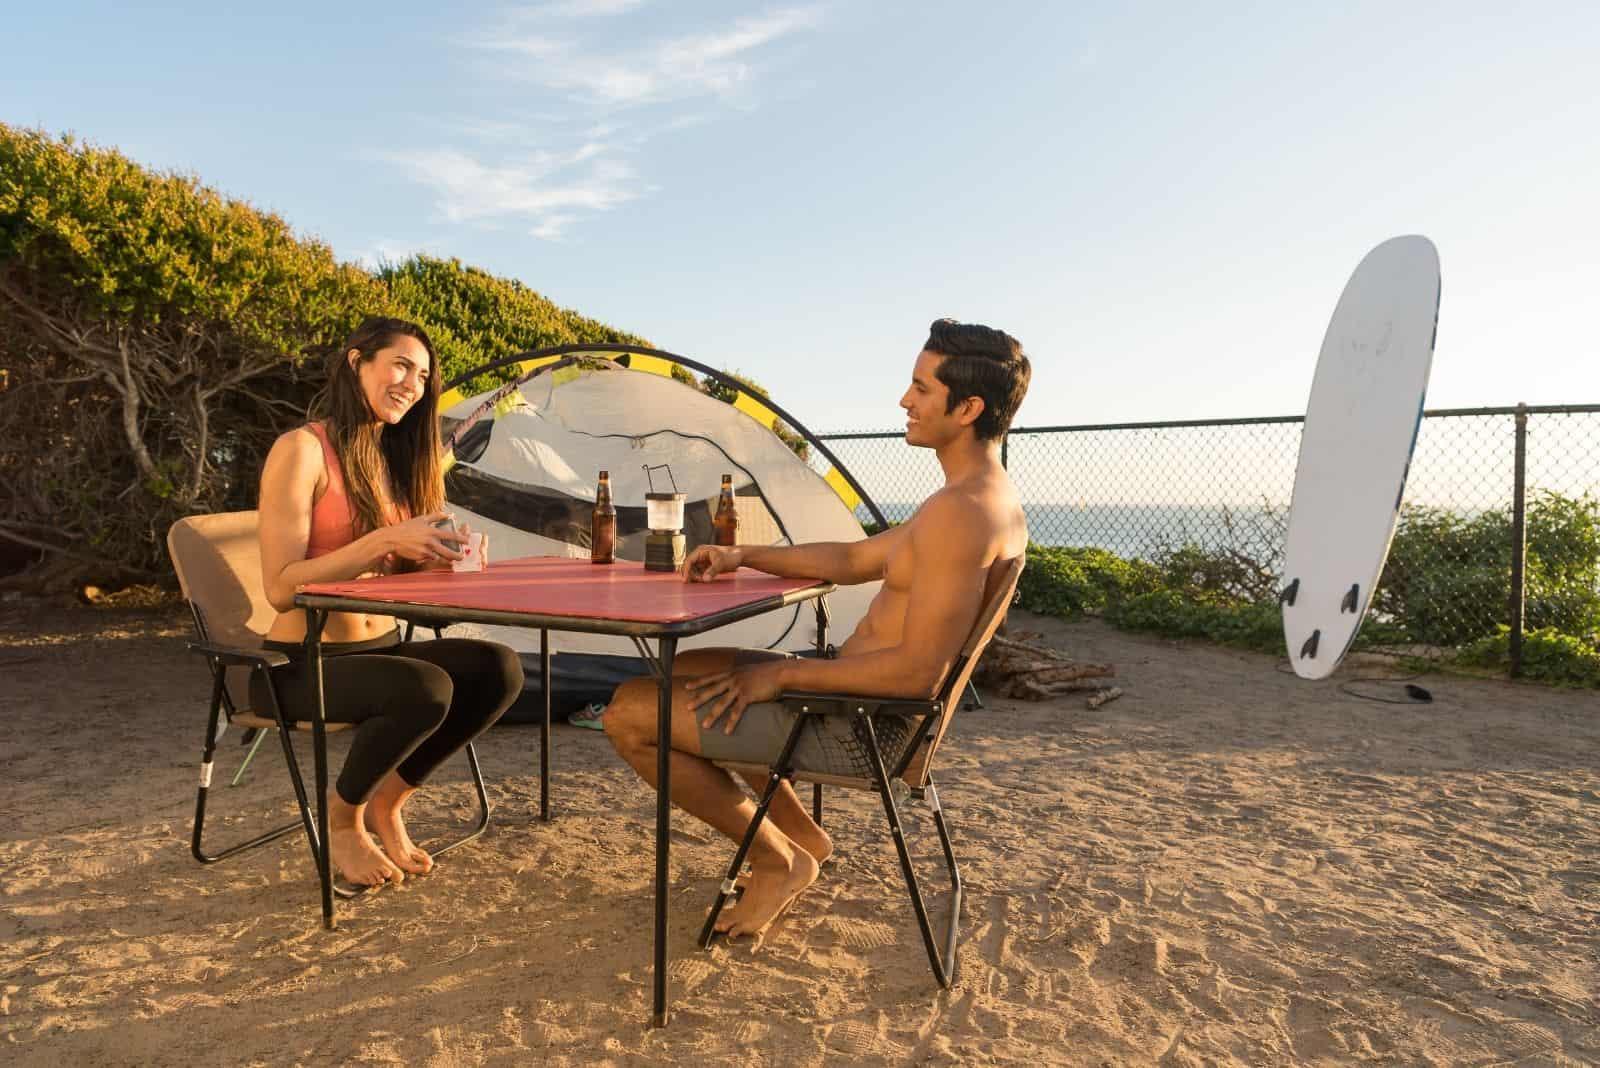 Paar spielt Elfer Raus auf einem Campingplatz in Strandnähe